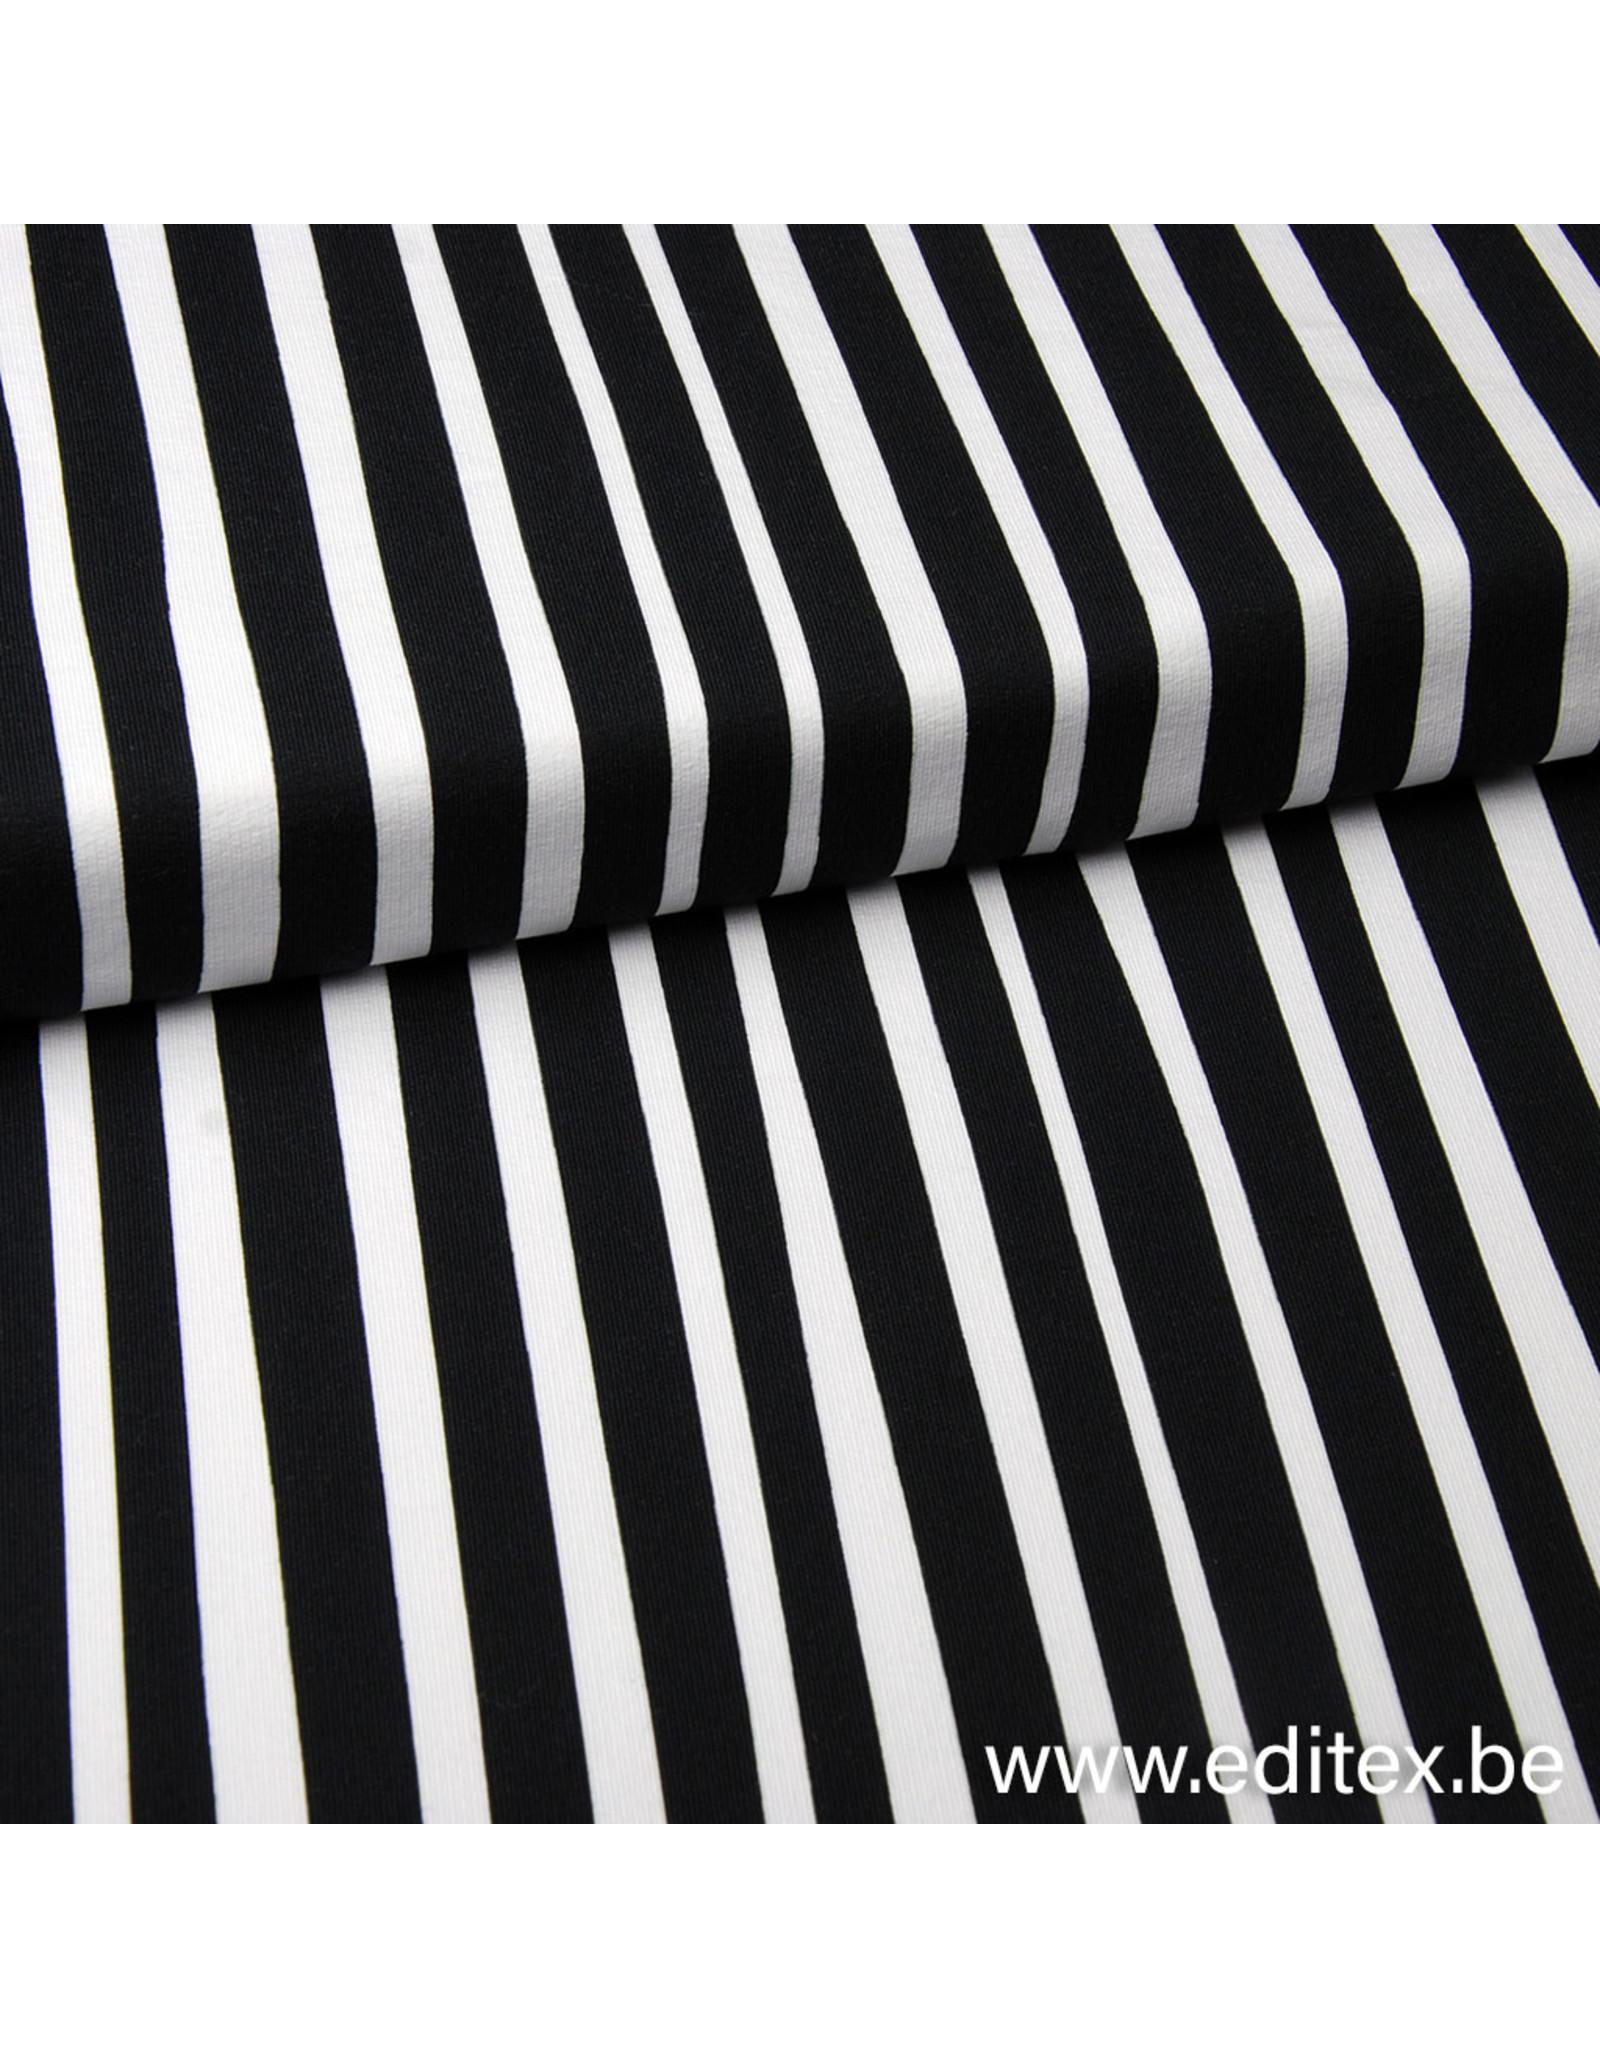 Eva Mouton zebra stripes COUPON 98 cm